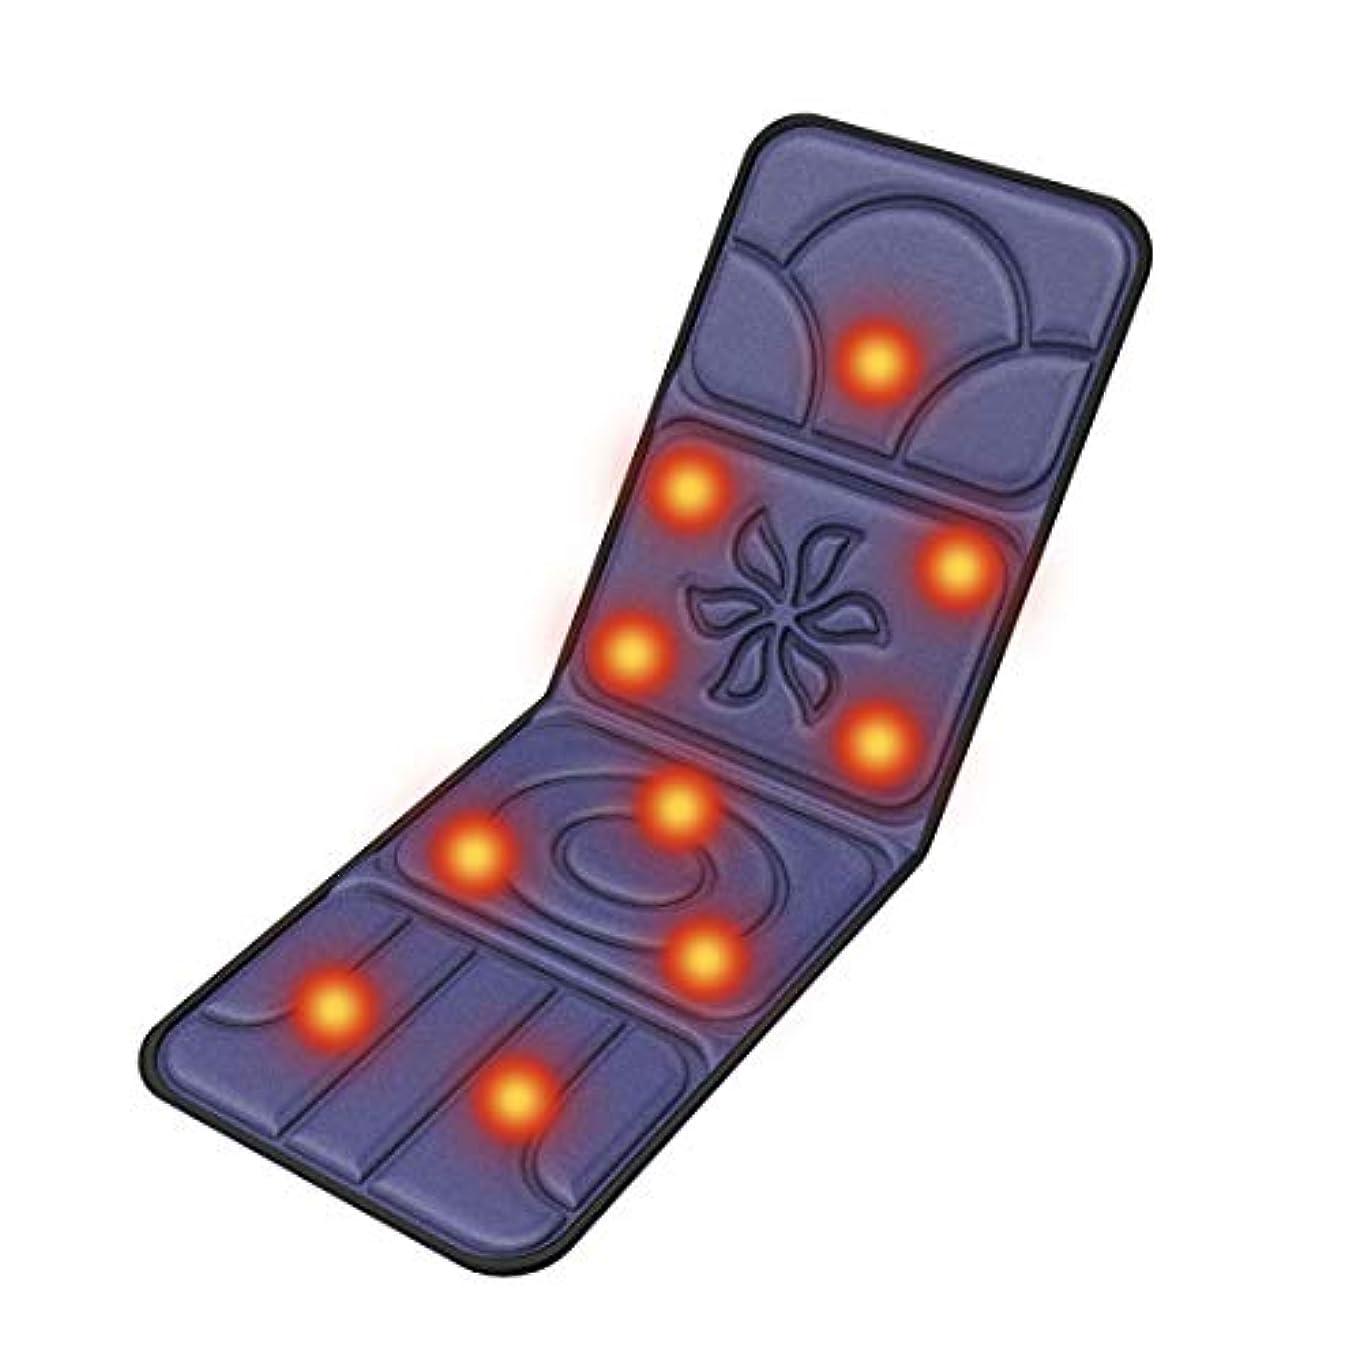 俳優子猫メディカルDOOB マッサージマットレス スリープ折りたたみ床 マッサージ機 マッサージ クッション シート マットレス チェア 電動 パッド 10つのもみ玉